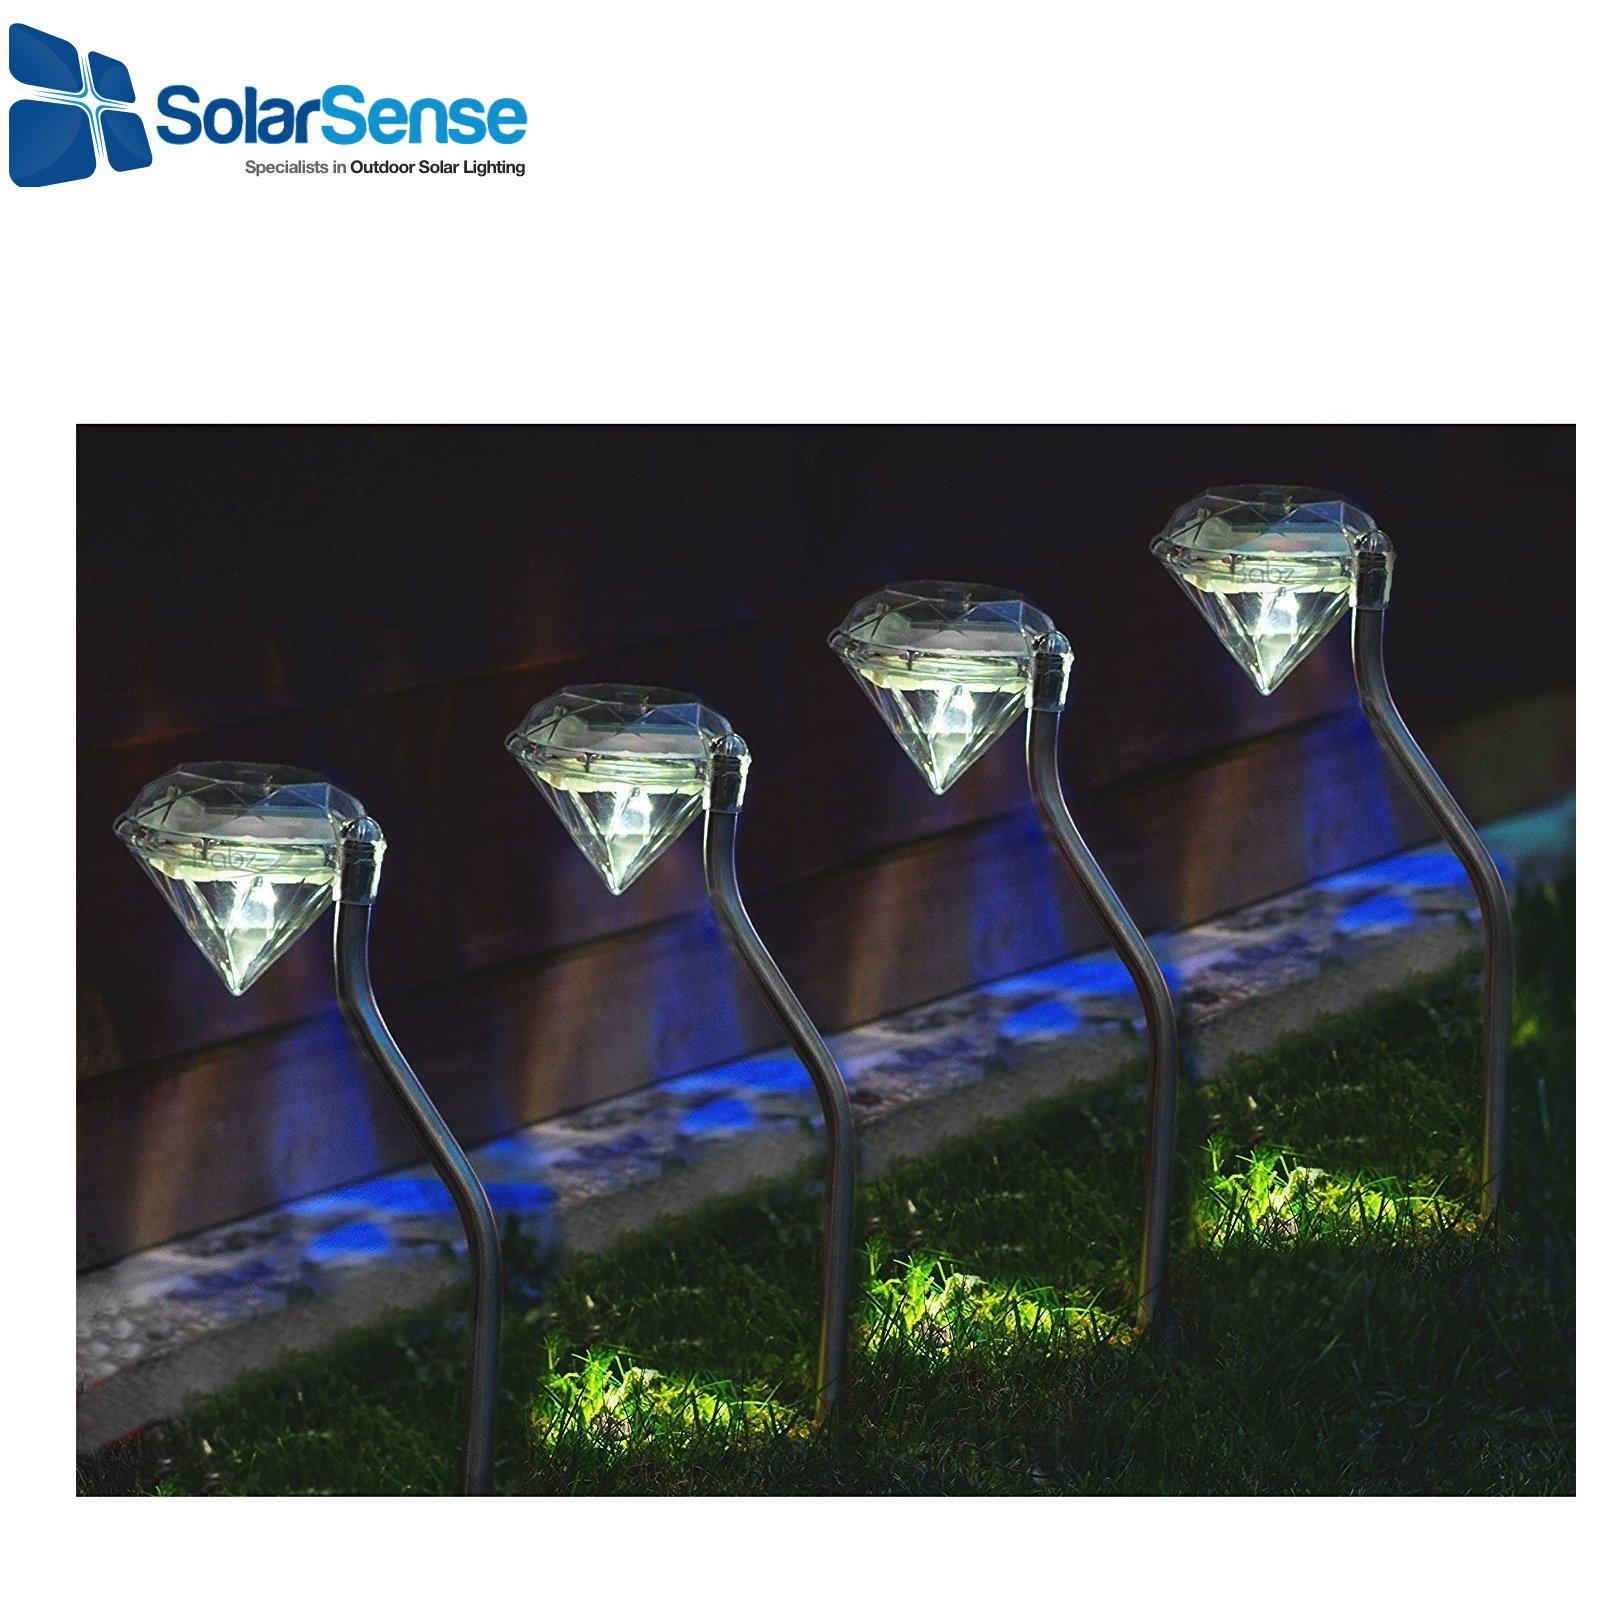 SolarSense Juego de 4 luces solares de jardín con diamantes, luces LED blancas para jardín, faroles de jardín, energía solar para jardín, patio de camino al aire libre: Amazon.es: Iluminación